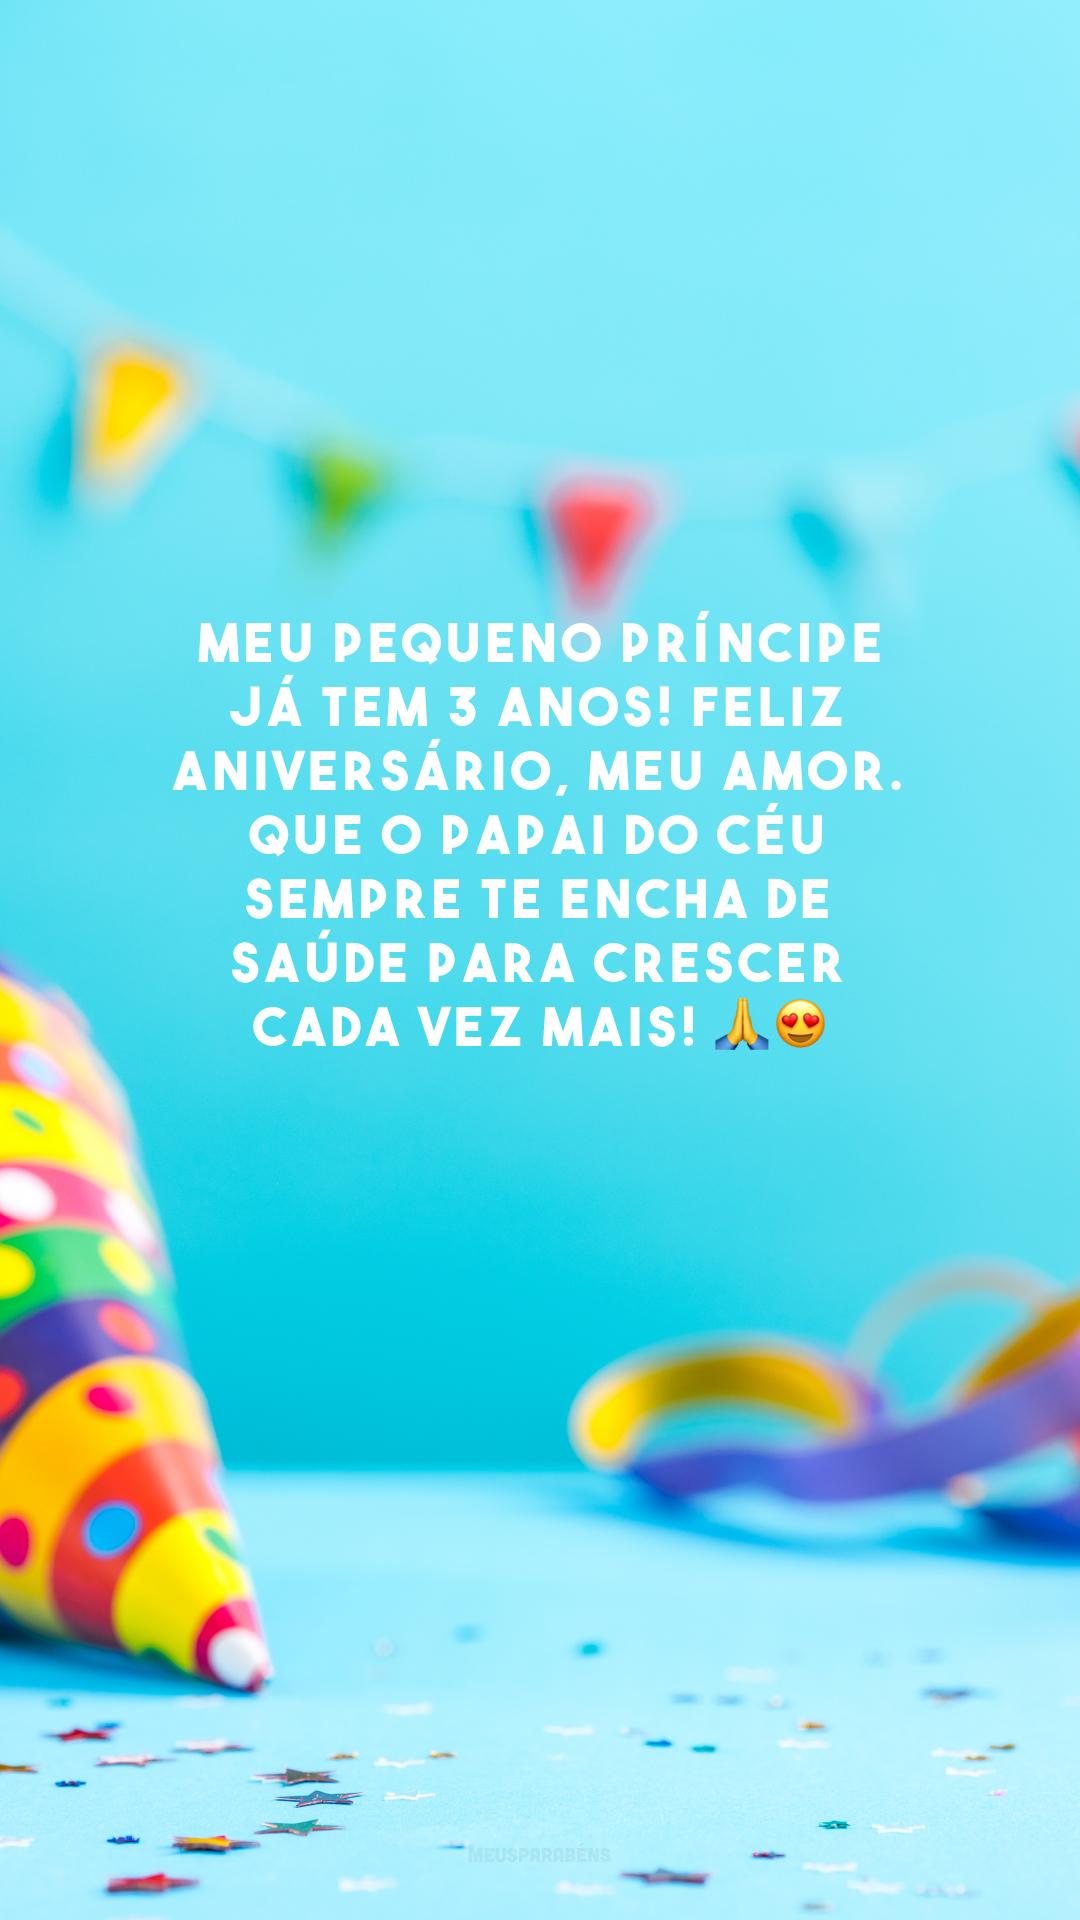 Meu pequeno príncipe já tem 3 anos! Feliz aniversário, meu amor. Que o Papai do Céu sempre te encha de saúde para crescer cada vez mais! 🙏😍